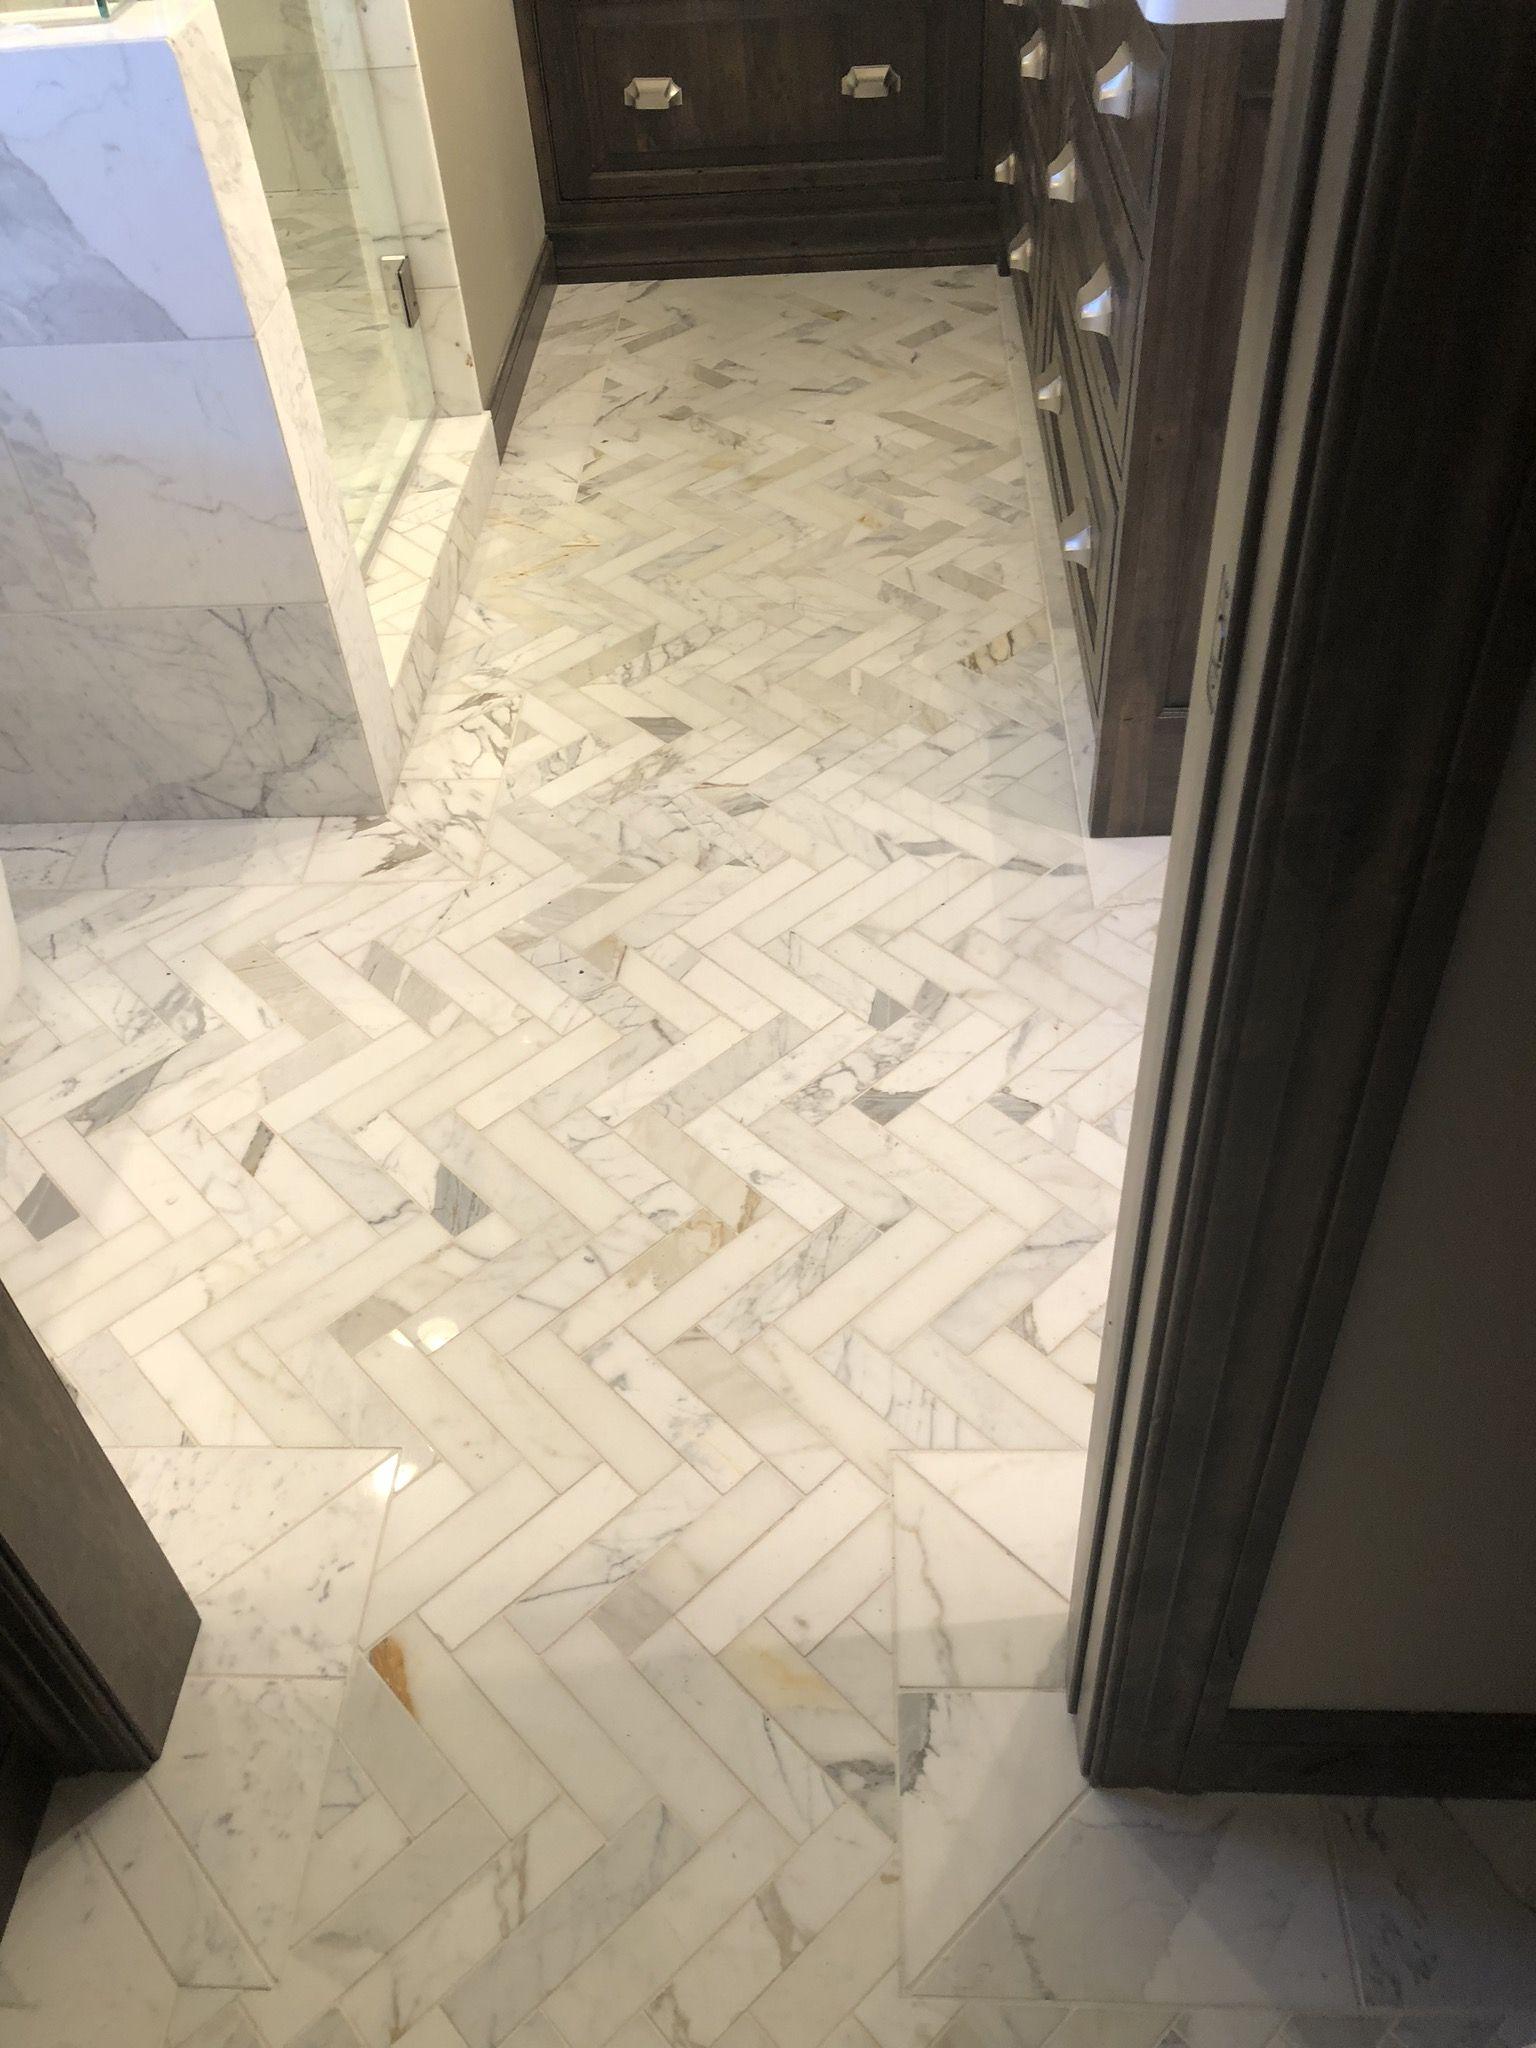 Marble Herringbone Bathroom Floor Design Calacatta Calcutta Gold Marb Calcutta Gold Marble Backsplash Arabesque Tile Bathroom Herringbone Tile Backsplash